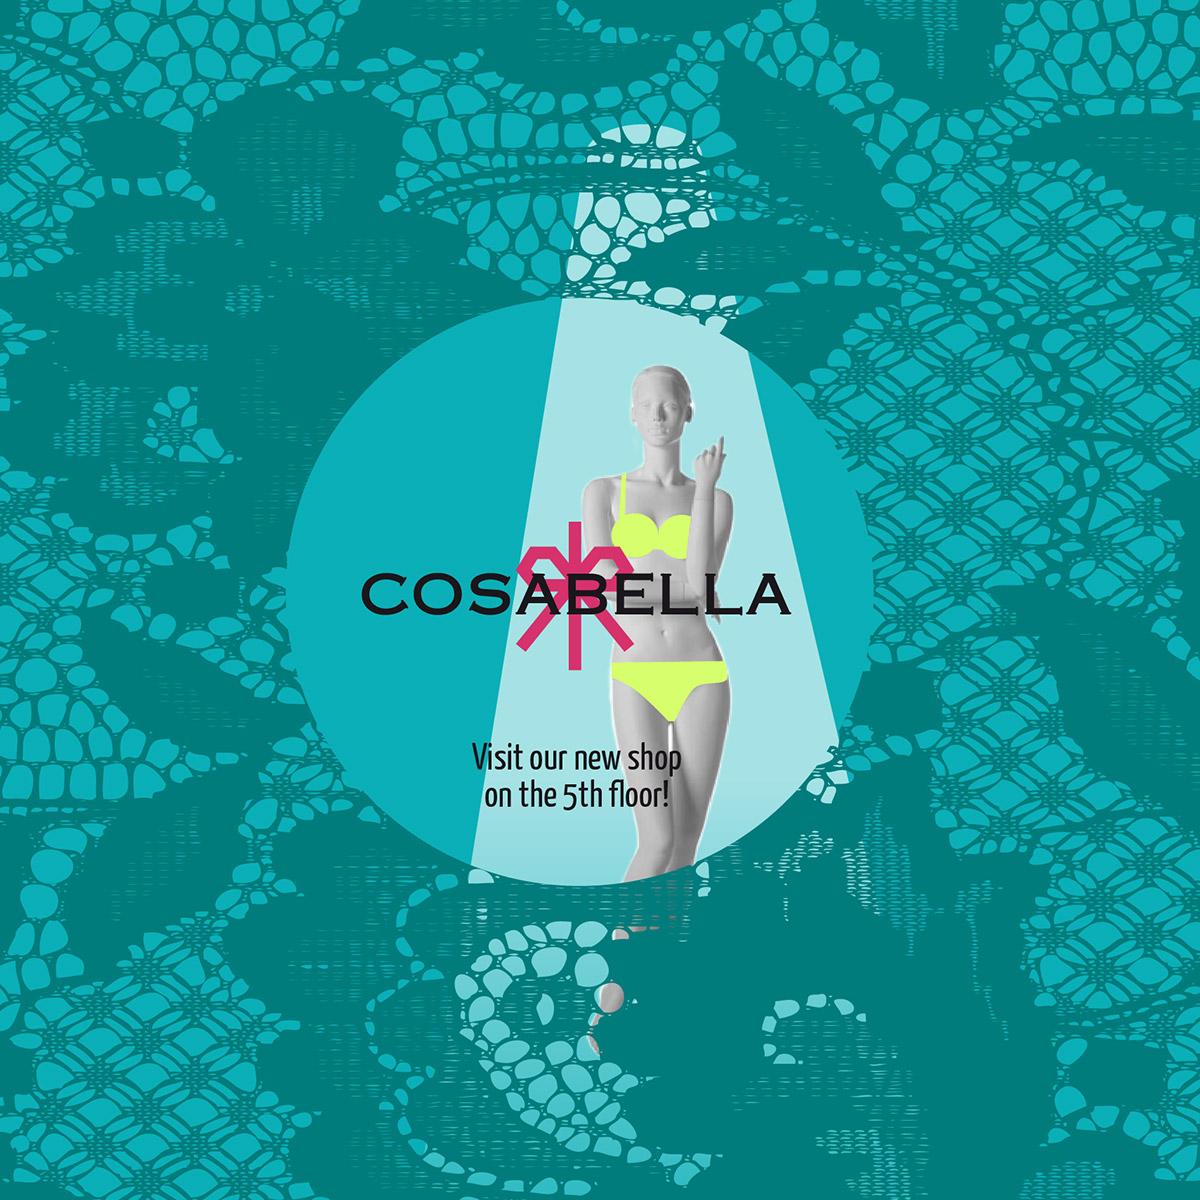 Design vetrine Cosabella 2014